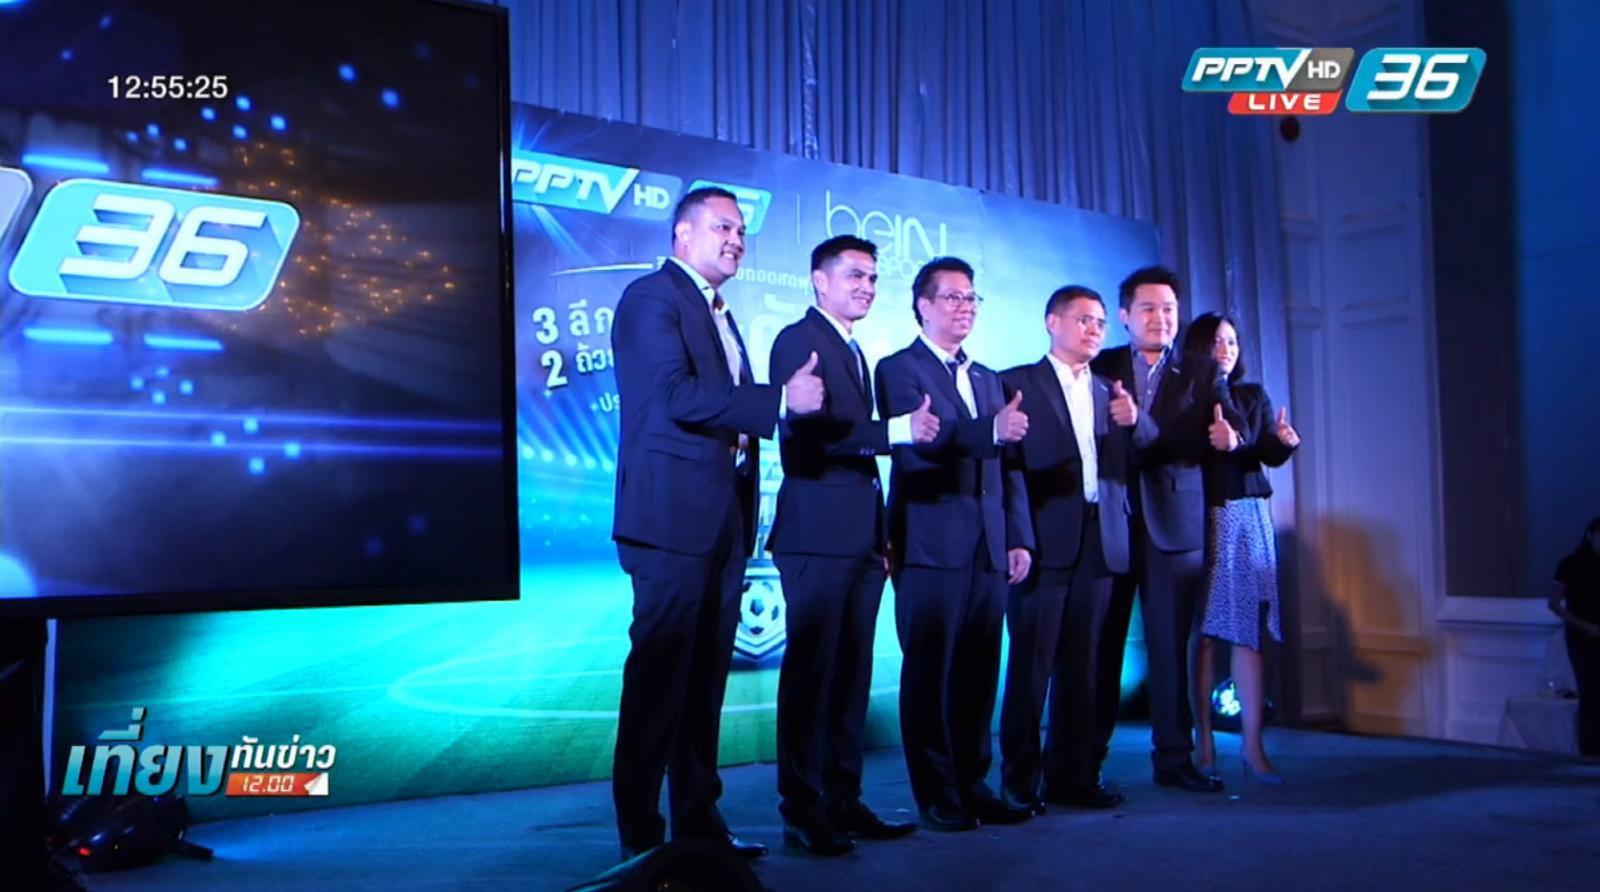 PPTV HD36 คว้าสิทธิ์ยิงสดฟุตบอล 10 รายการใหญ่ระดับโลก